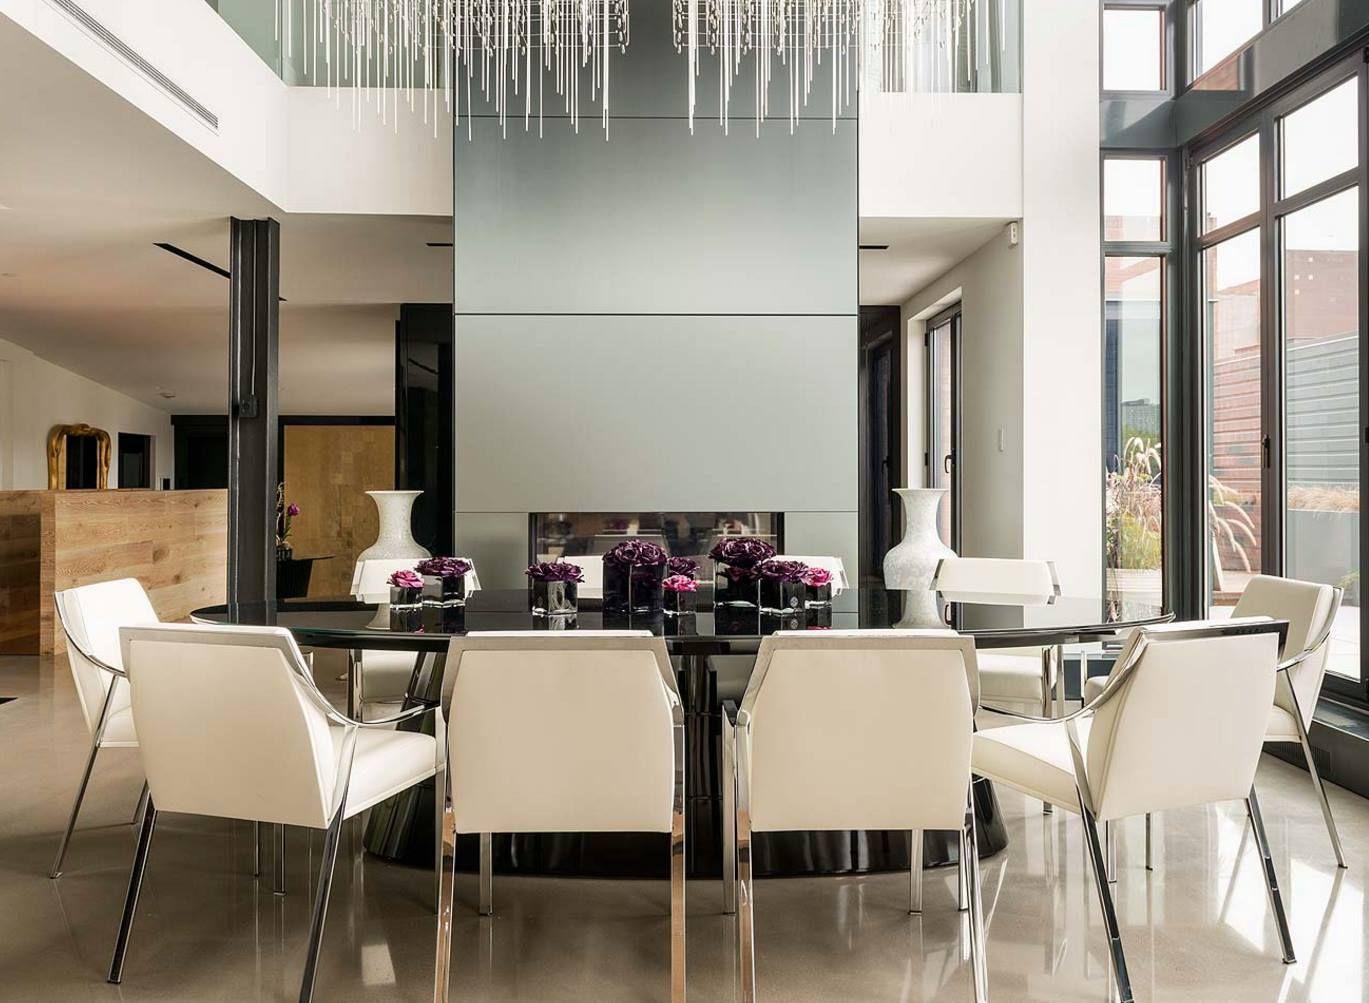 Kronleuchter Esszimmer Modern ~ Esszimmer lampe kronleuchter moderne deckenleuchte hängeleuchte